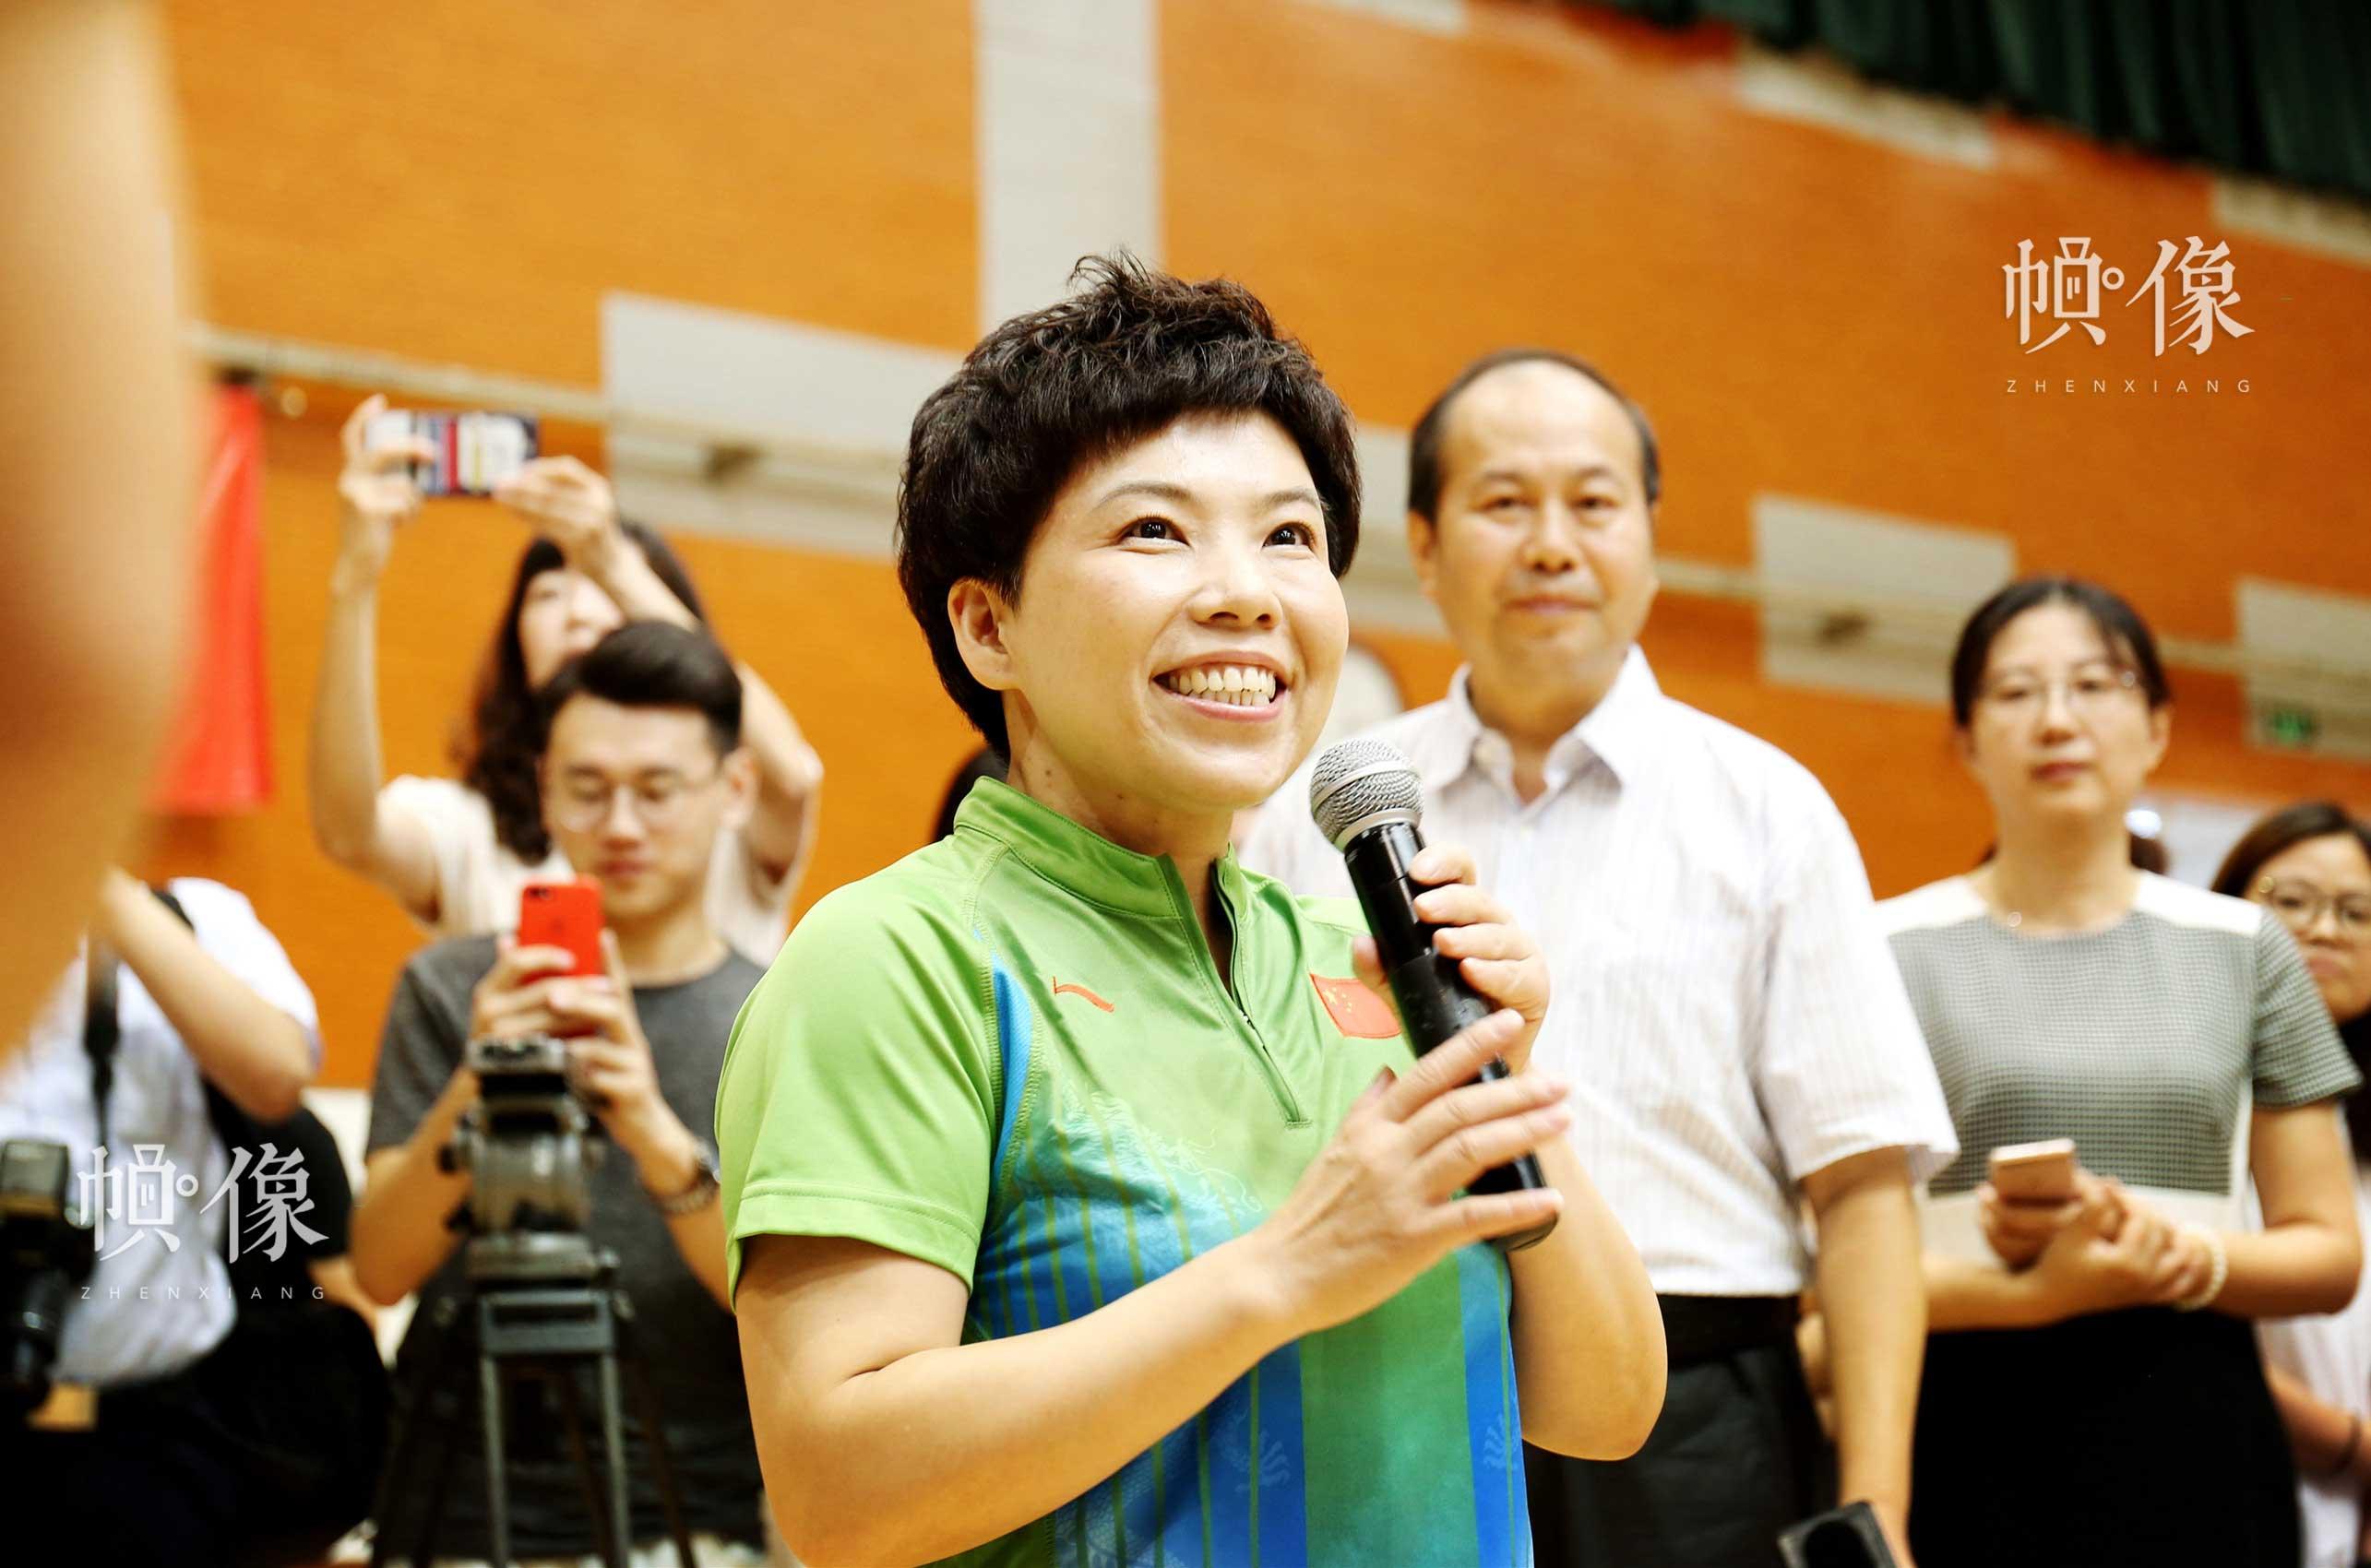 邓亚萍在第七届残疾人健身周推广日活动现场致辞。中国网记者 王梦泽 摄